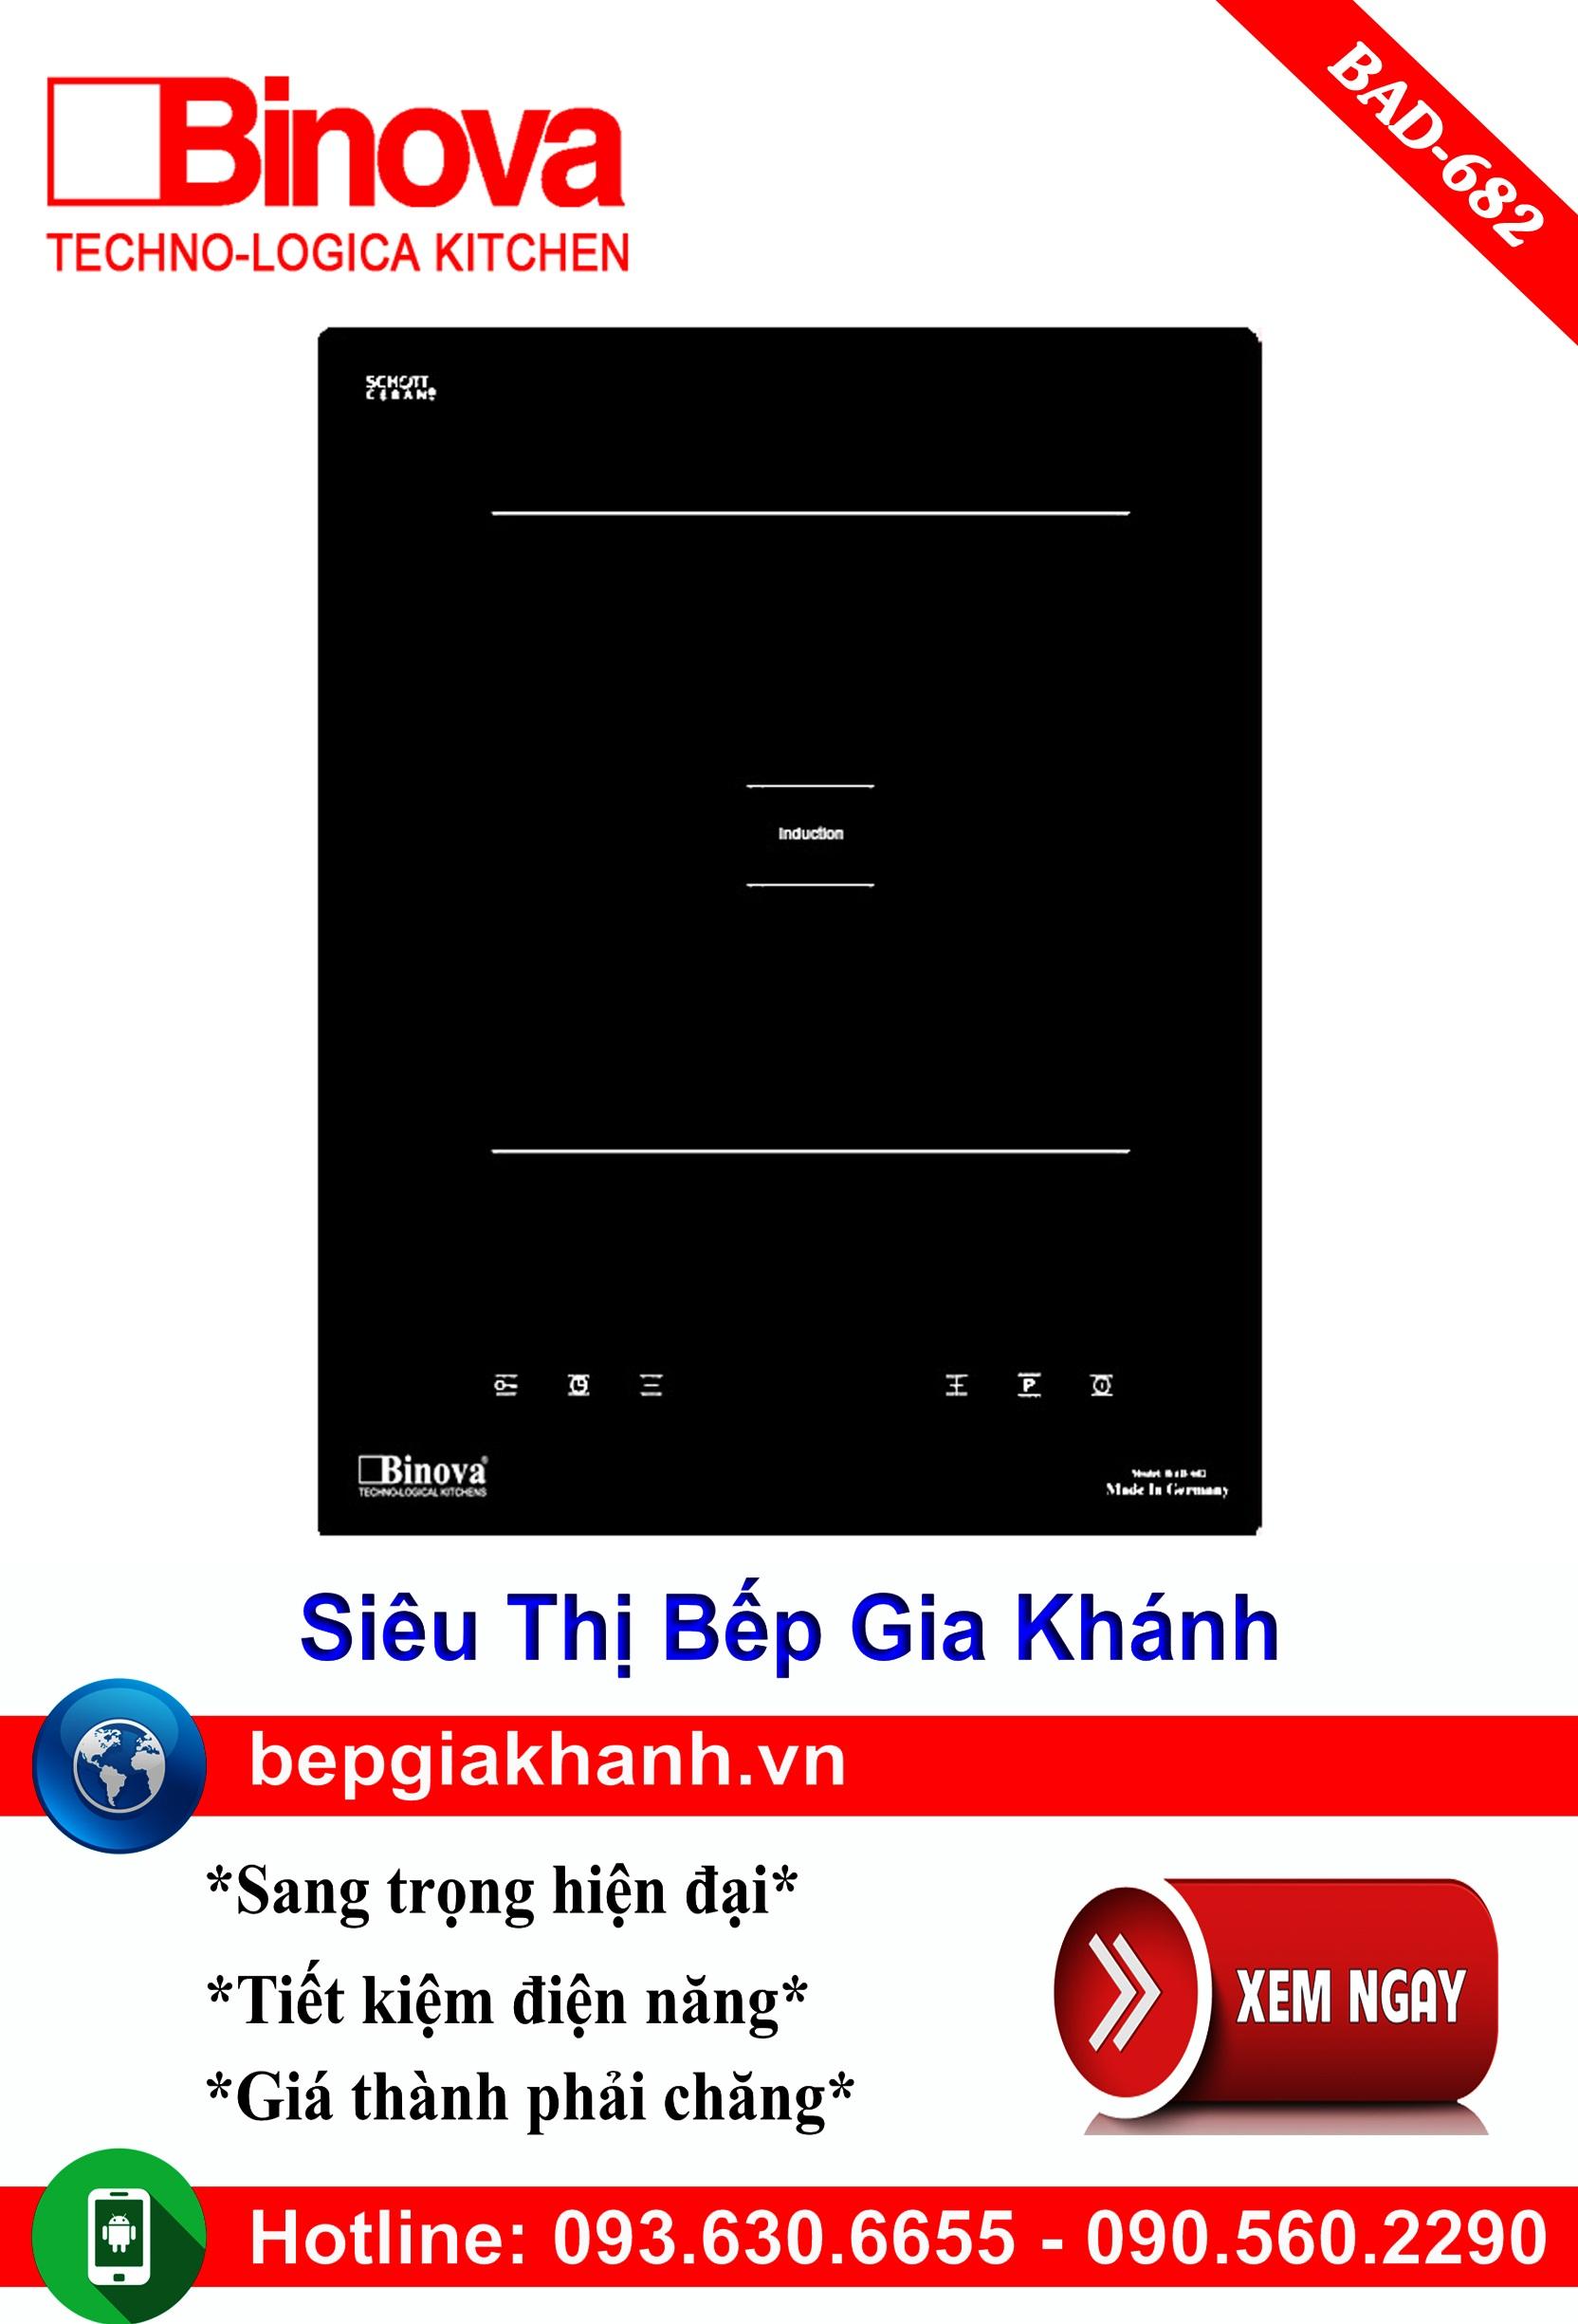 [HCM]Bếp từ đơn Binova BAD-682 nhập khẩu Trung Quốc bếp từ bếp điện từ bếp từ đôi bếp điện từ đôi bếp từ giá rẻ bếp điện từ giá rẻ bếp từ đơn bep tu don bep tu